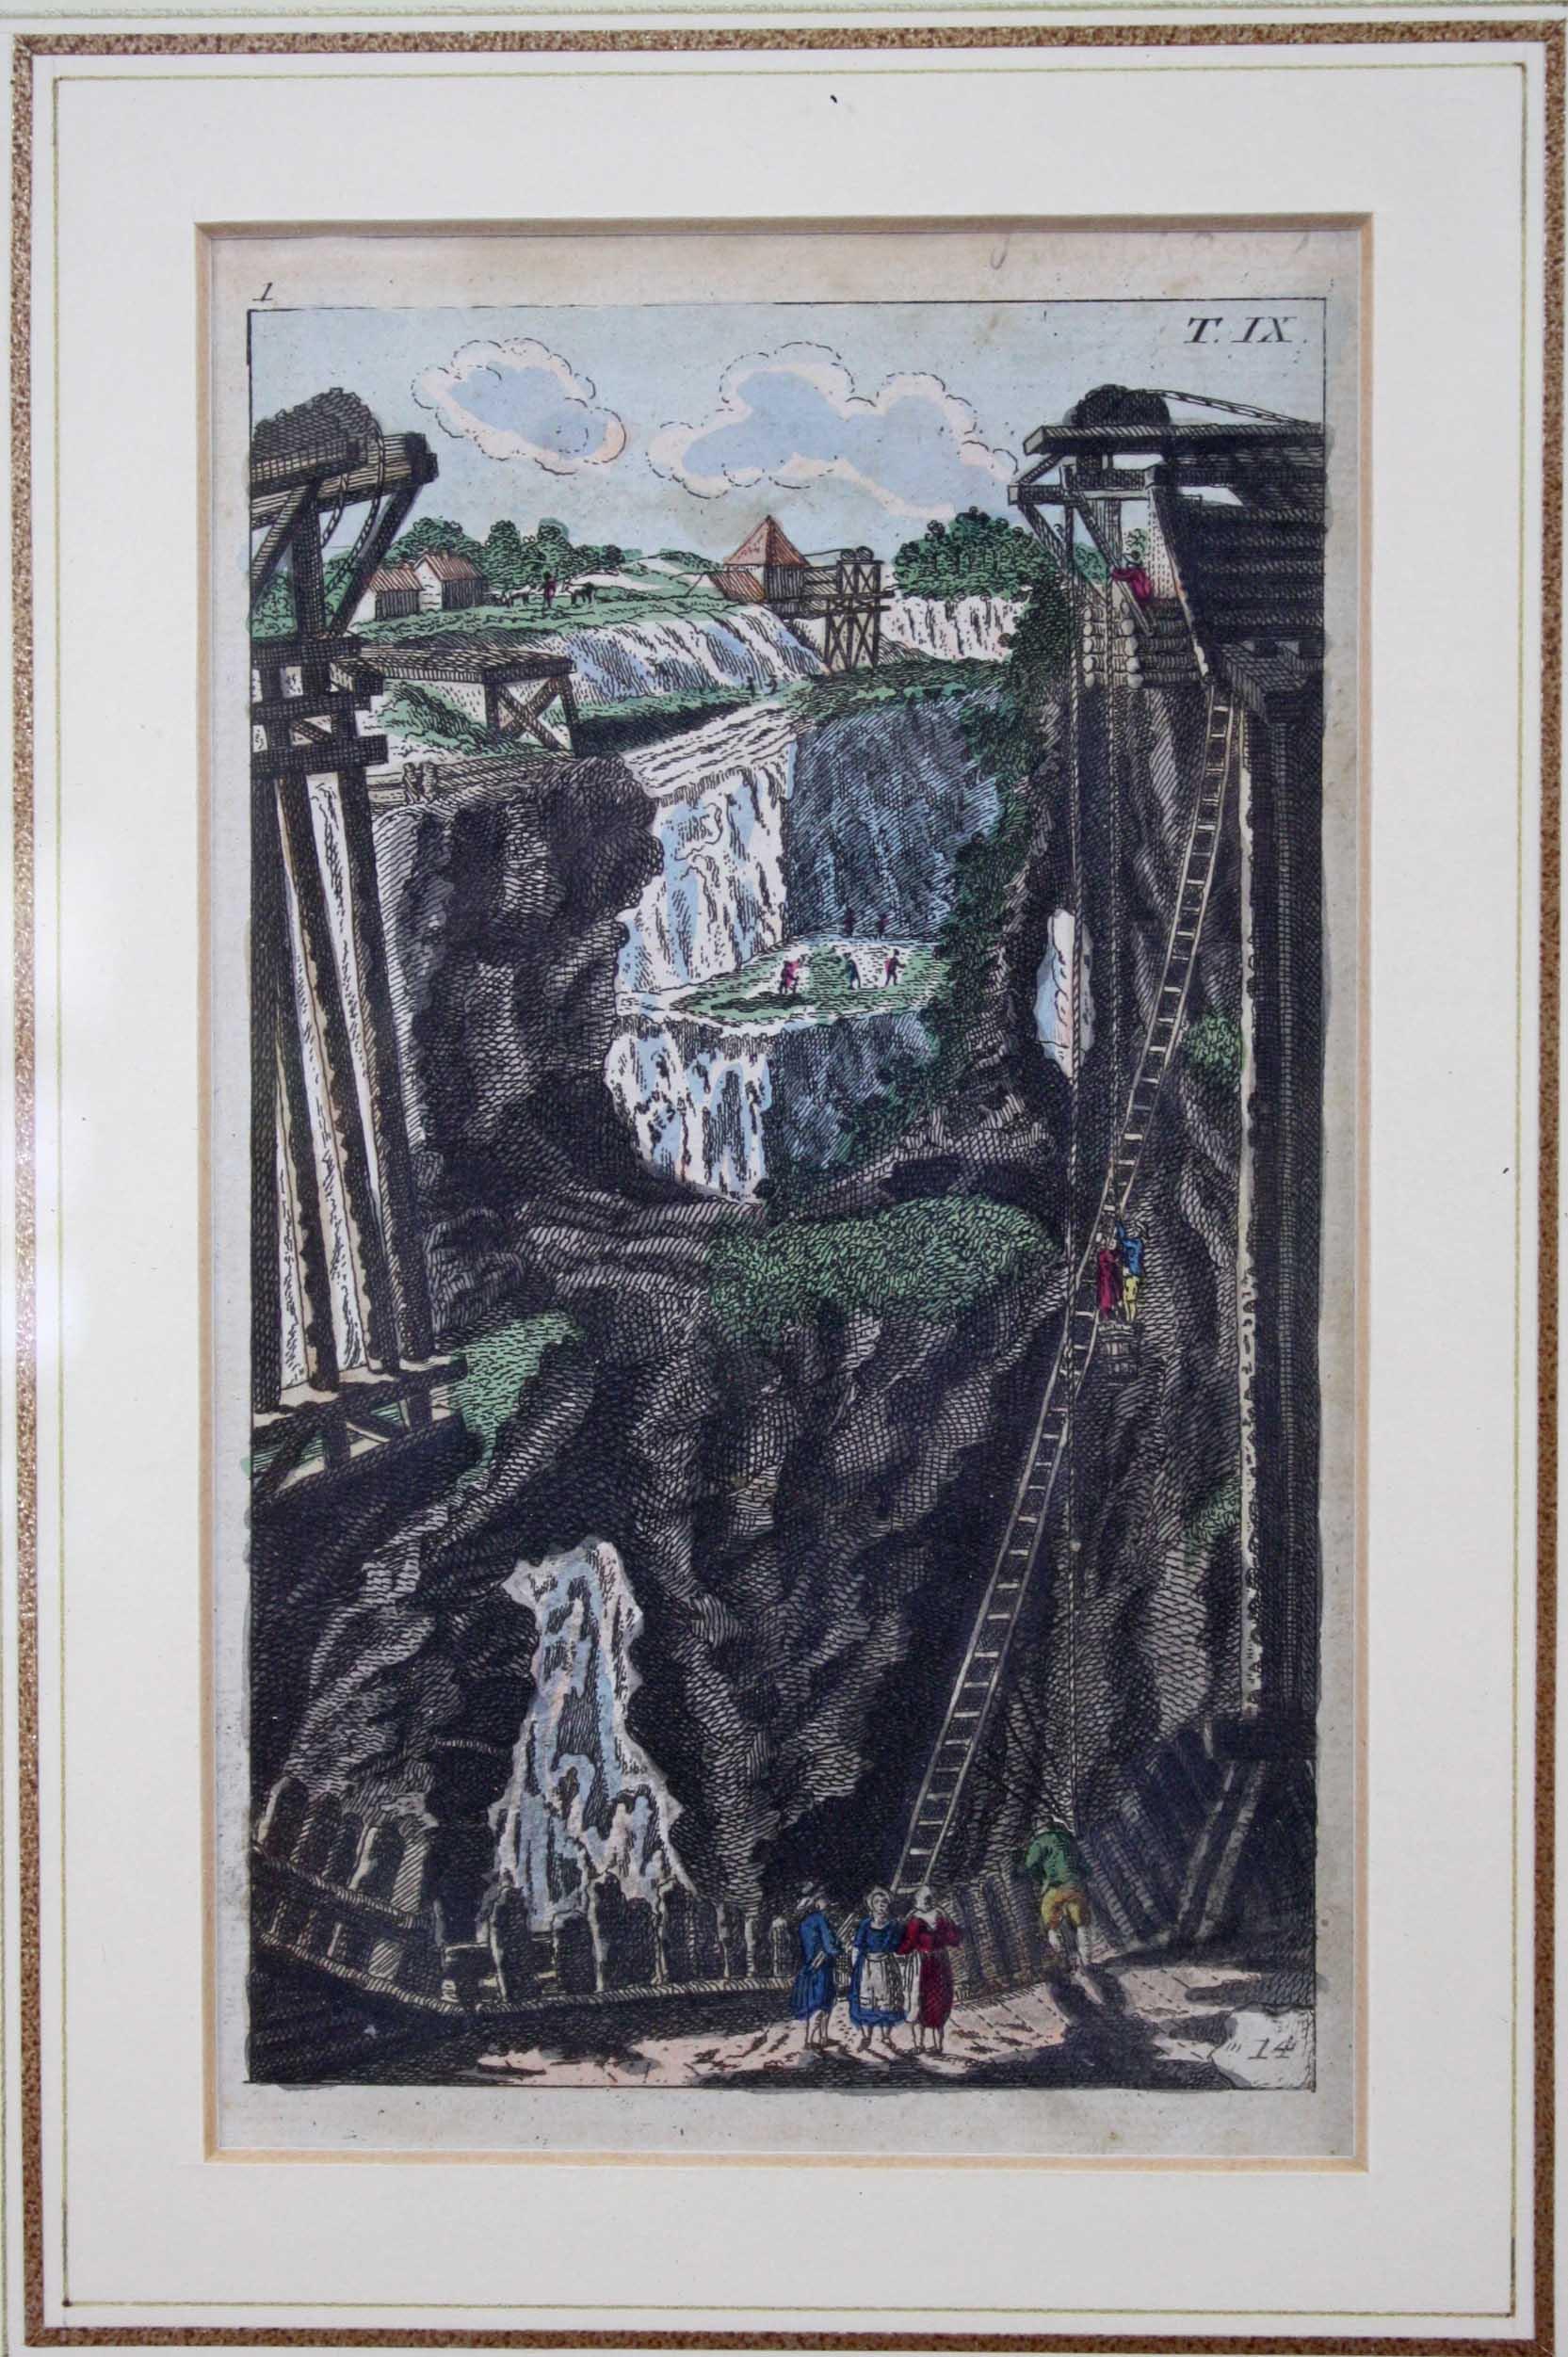 Bergbau. 2 Kupferstiche, 18. Jahrhundert-2